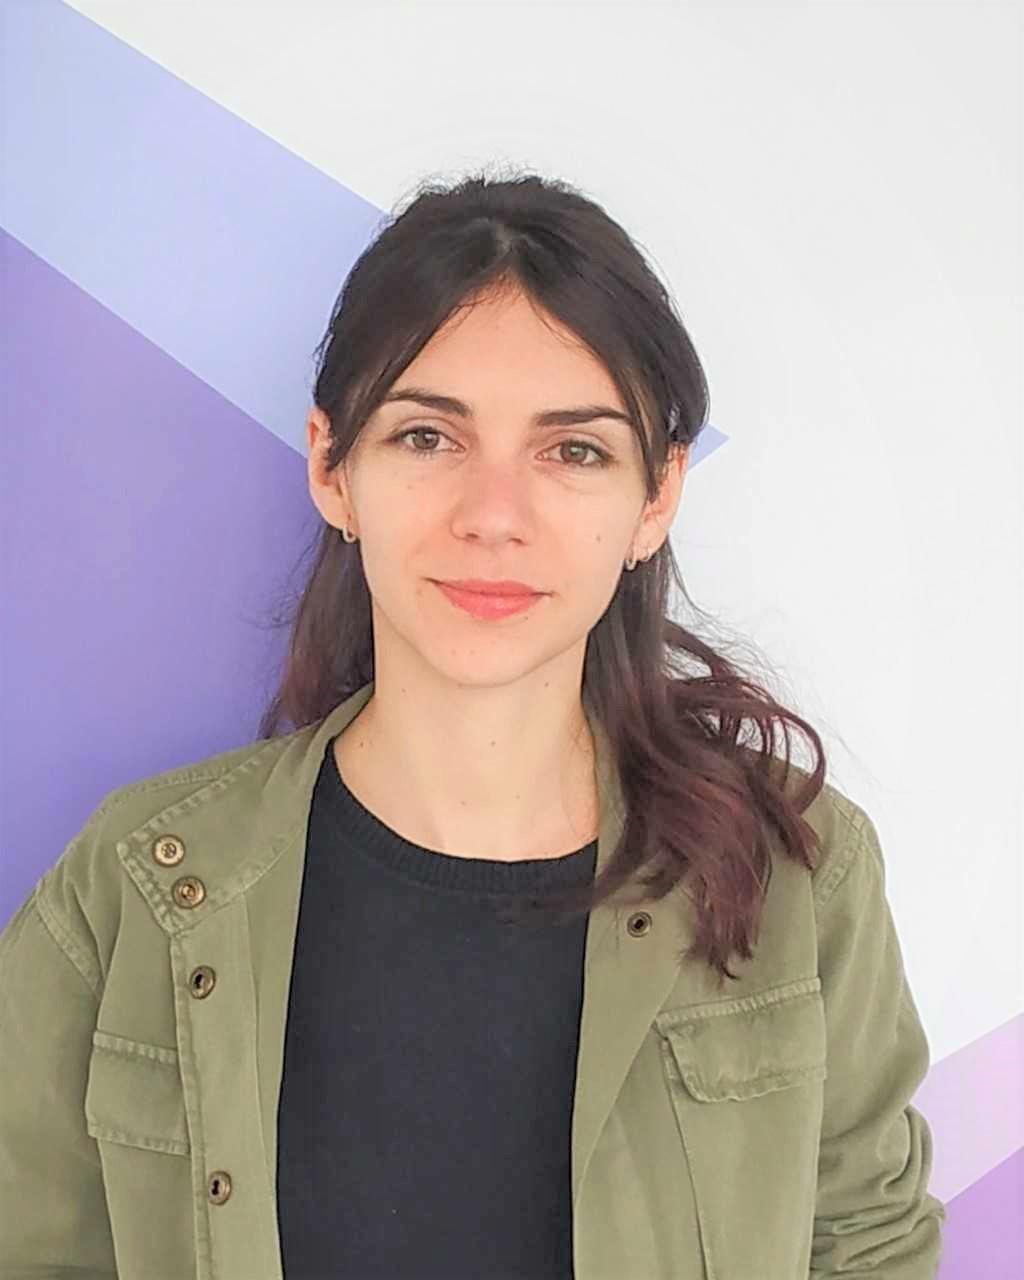 Bianca Bendris